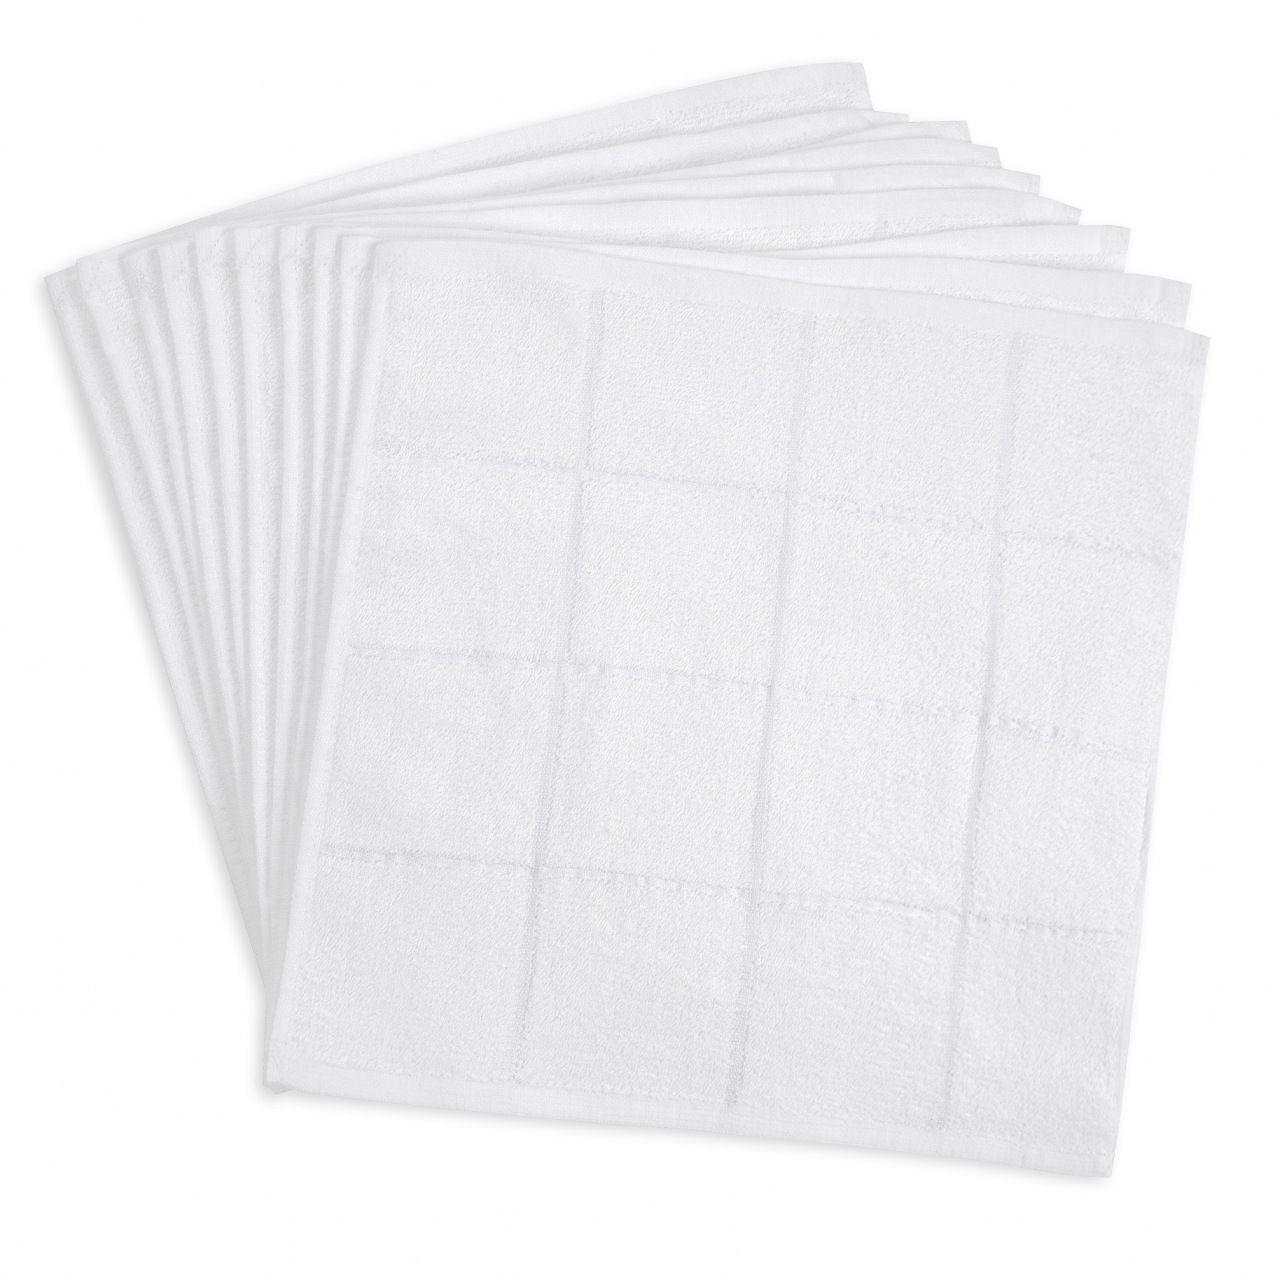 80匁 おしぼりタオル白 4×4格子